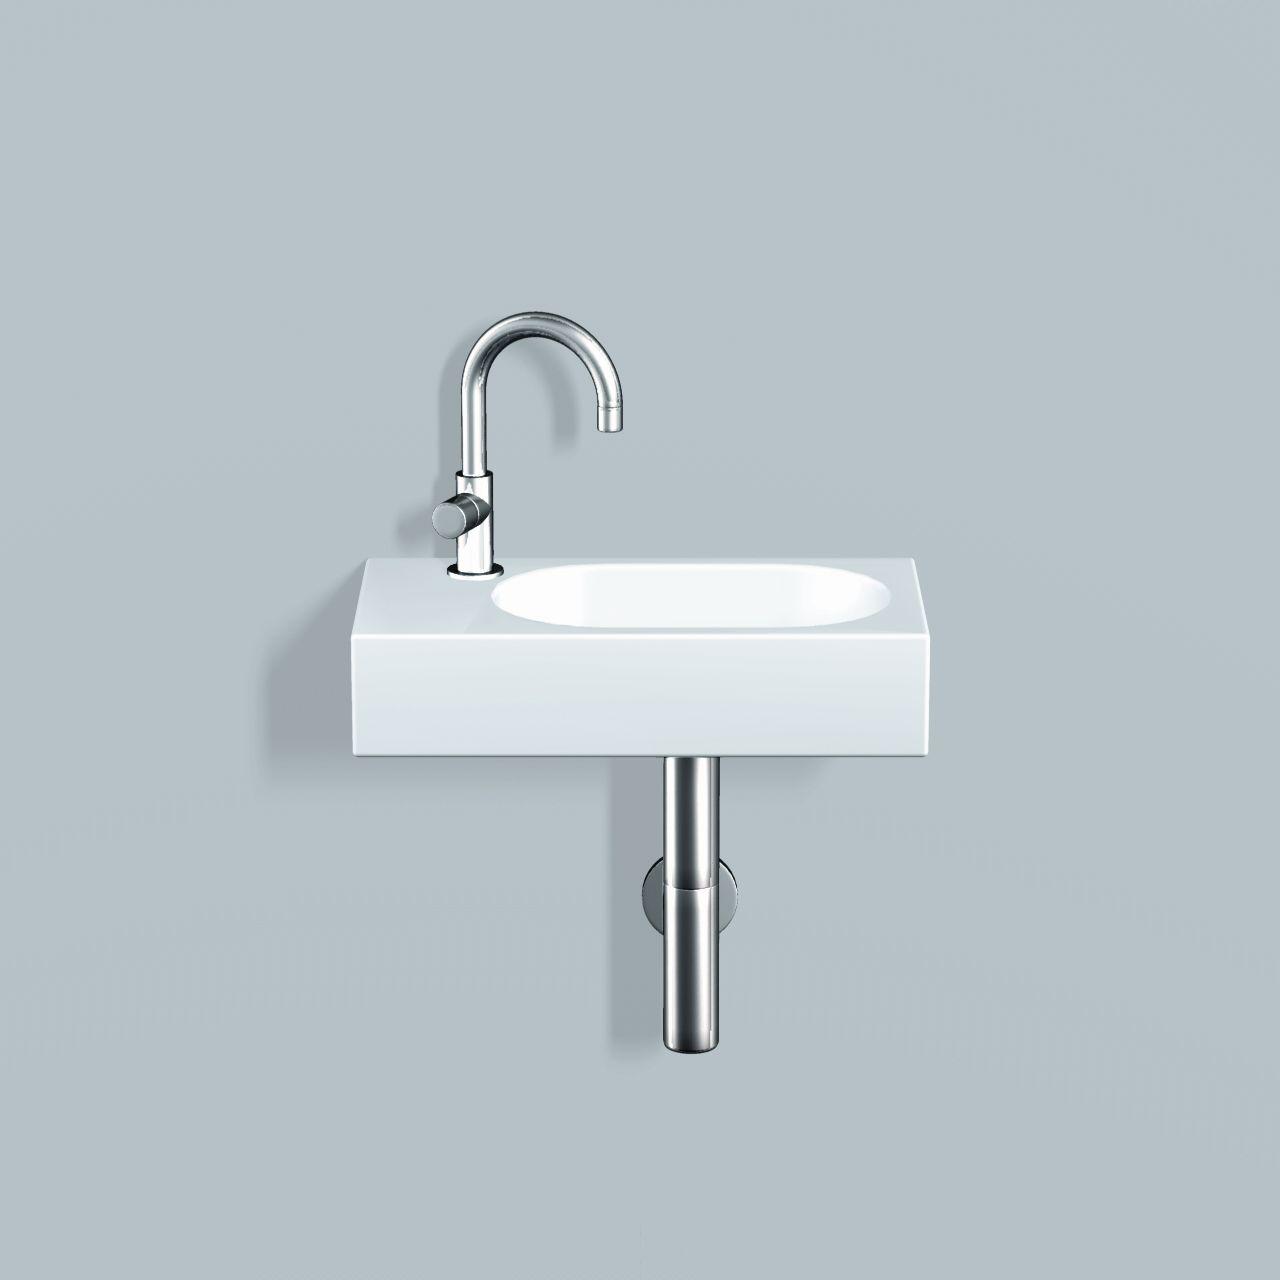 Alape håndvask i hvid glaseret med oval vask til højre - Dornbracht ...